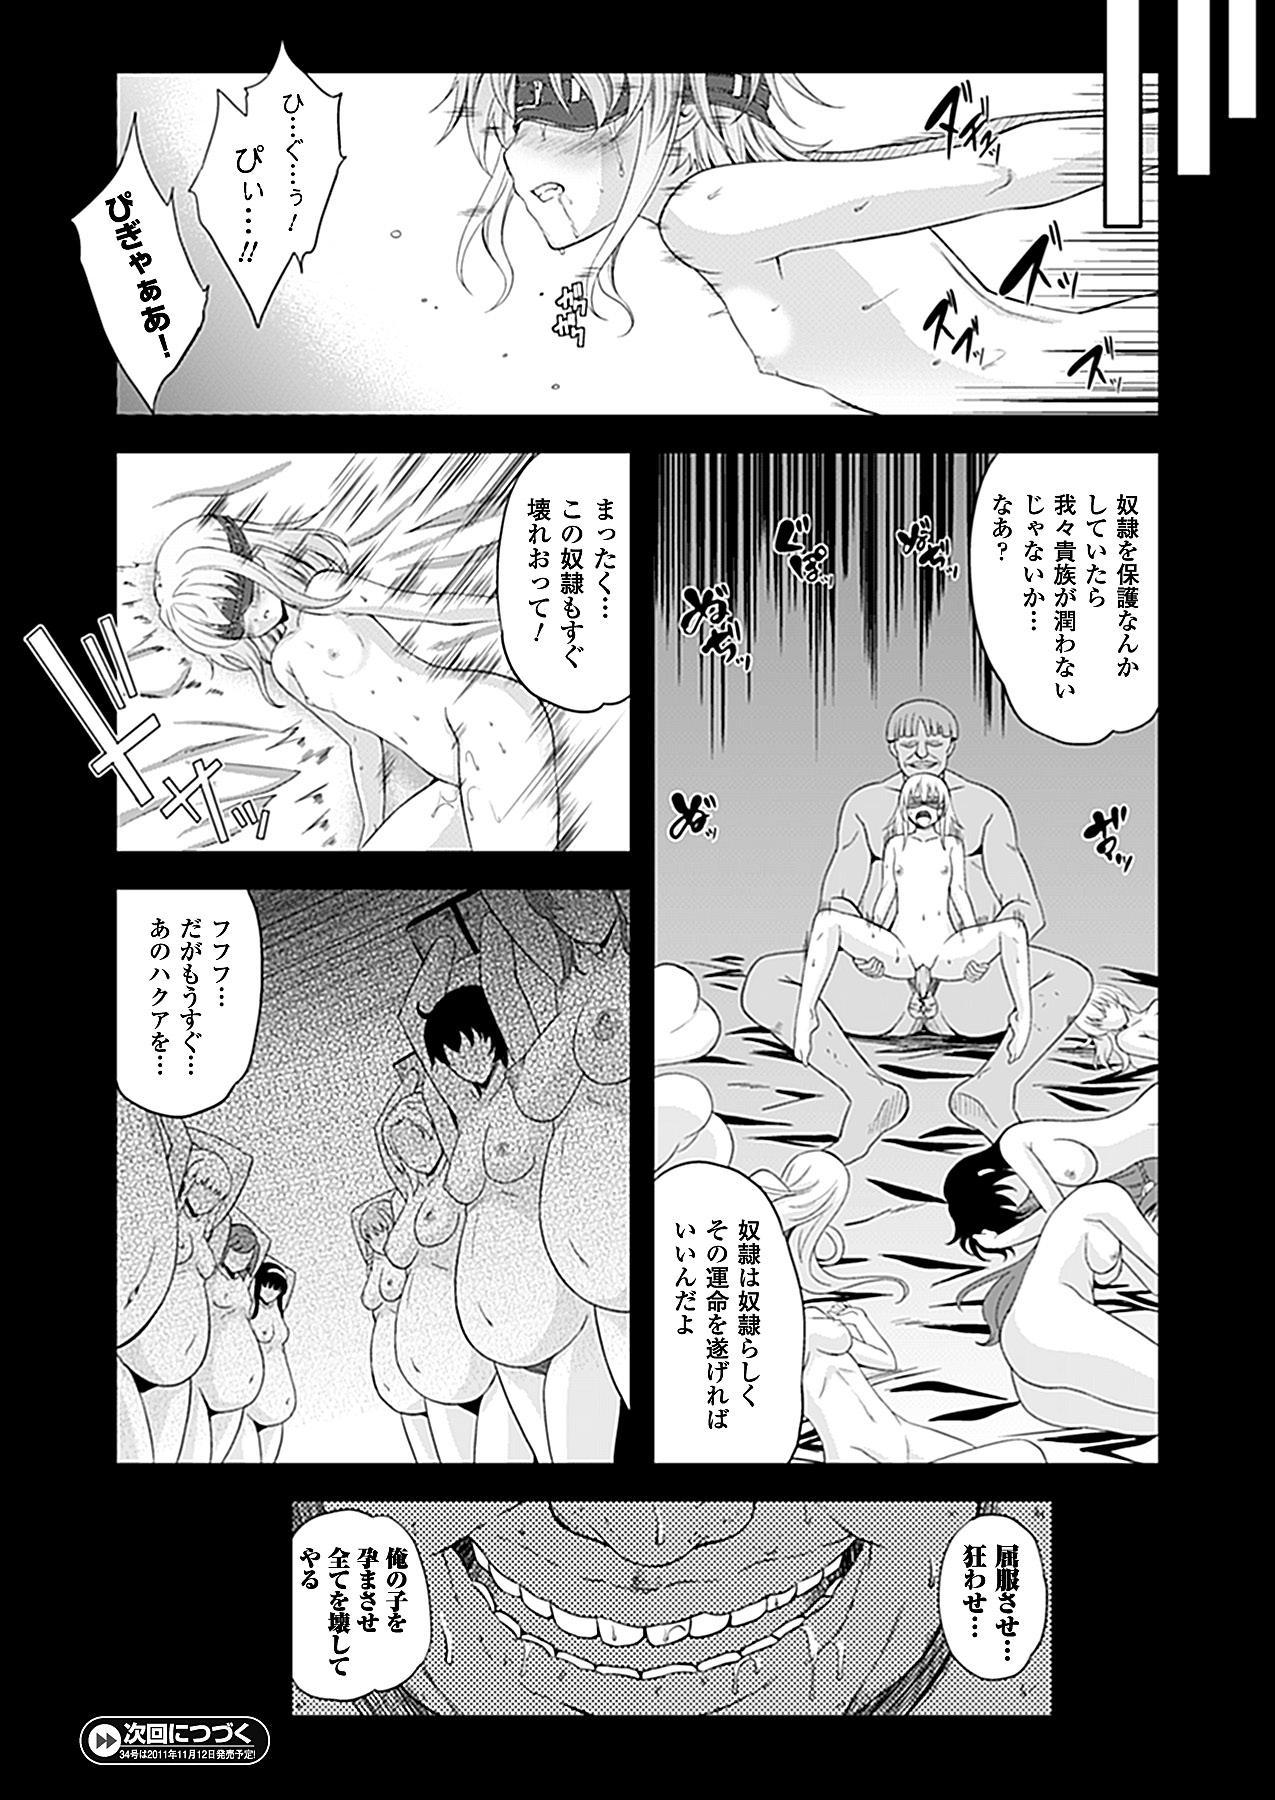 COMIC Unreal 2011-10 Vol.33 229